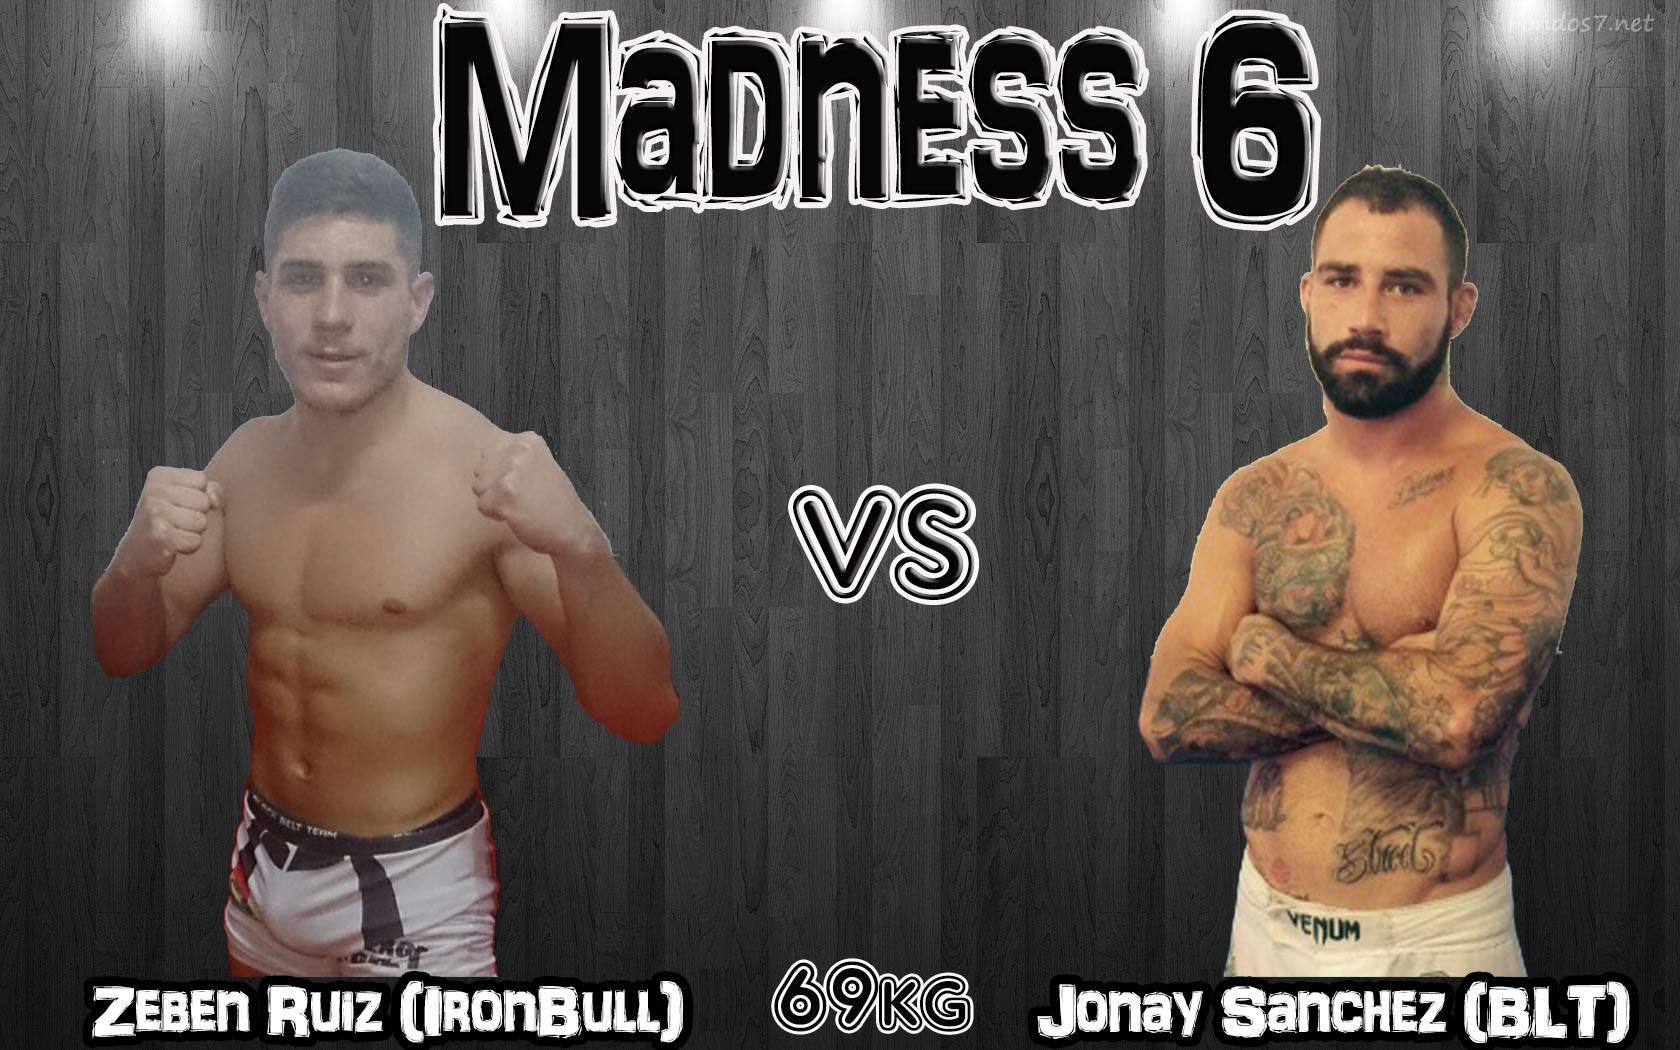 Zebenzui Ruiz (Iron Bull) vs Jonay Sanchez (BLT) 69kg